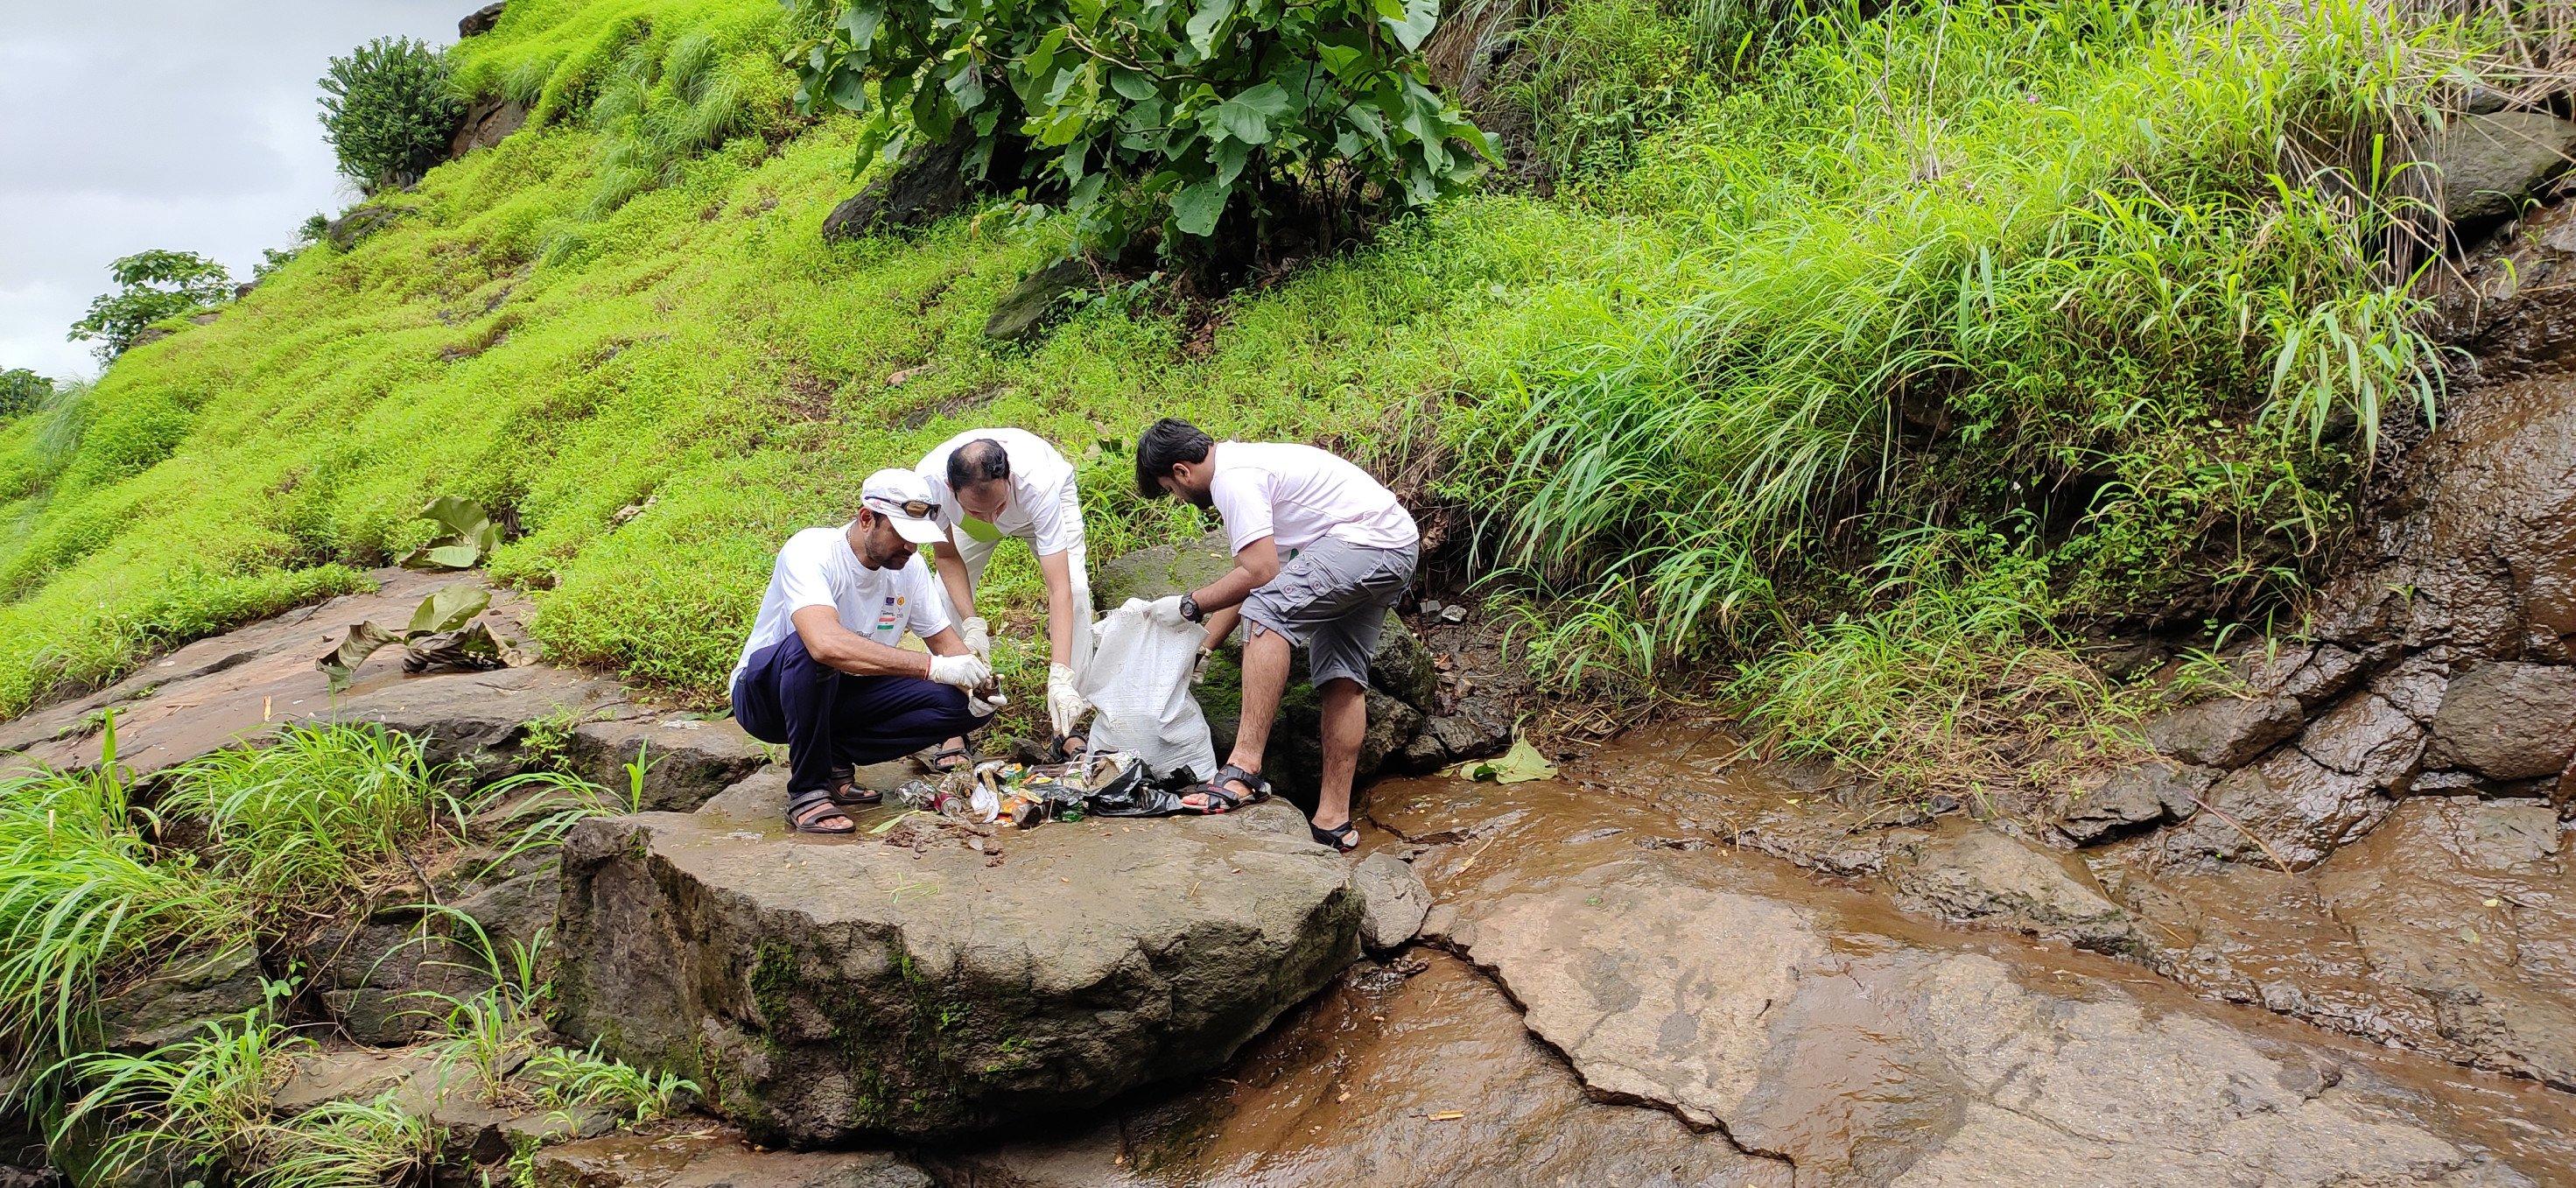 'हा' तर कचऱ्याचा पूर, वदप धबधबा परिसरातून १ हजार किलो कचरा साफ